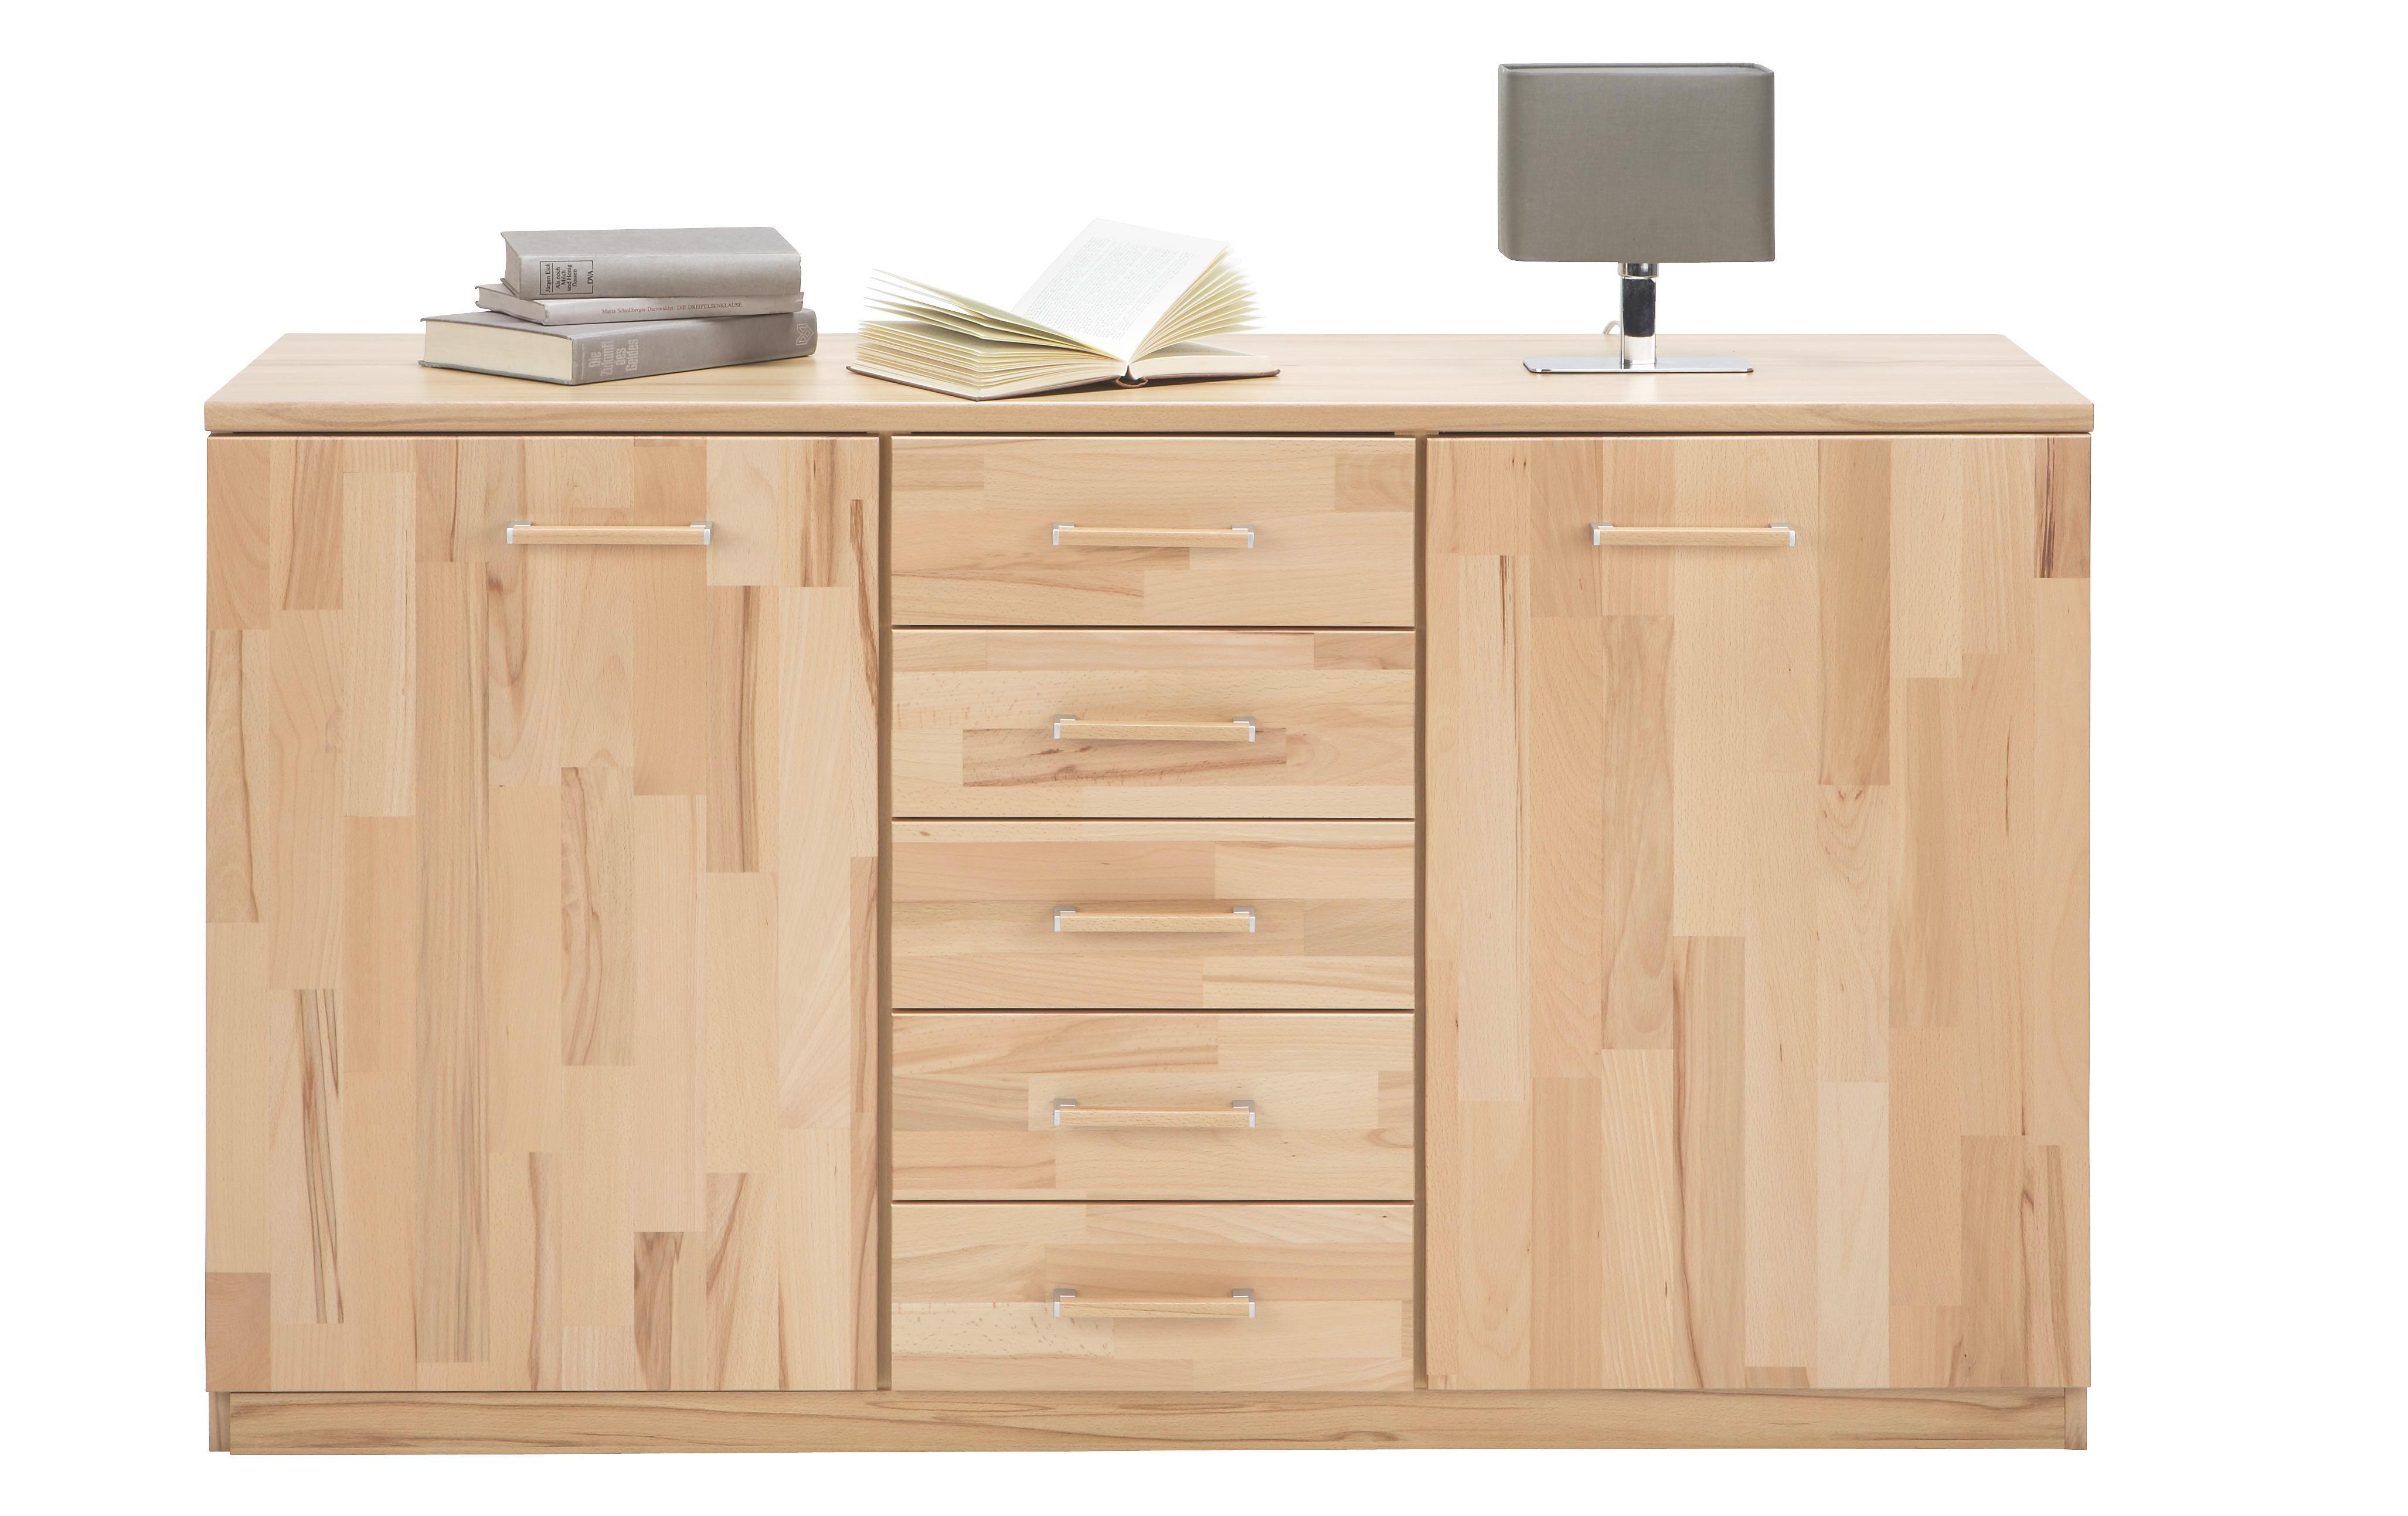 Kommode in Buche aus Echtholz - MODERN, Holz/Holzwerkstoff (135/78/40cm) - ZANDIARA